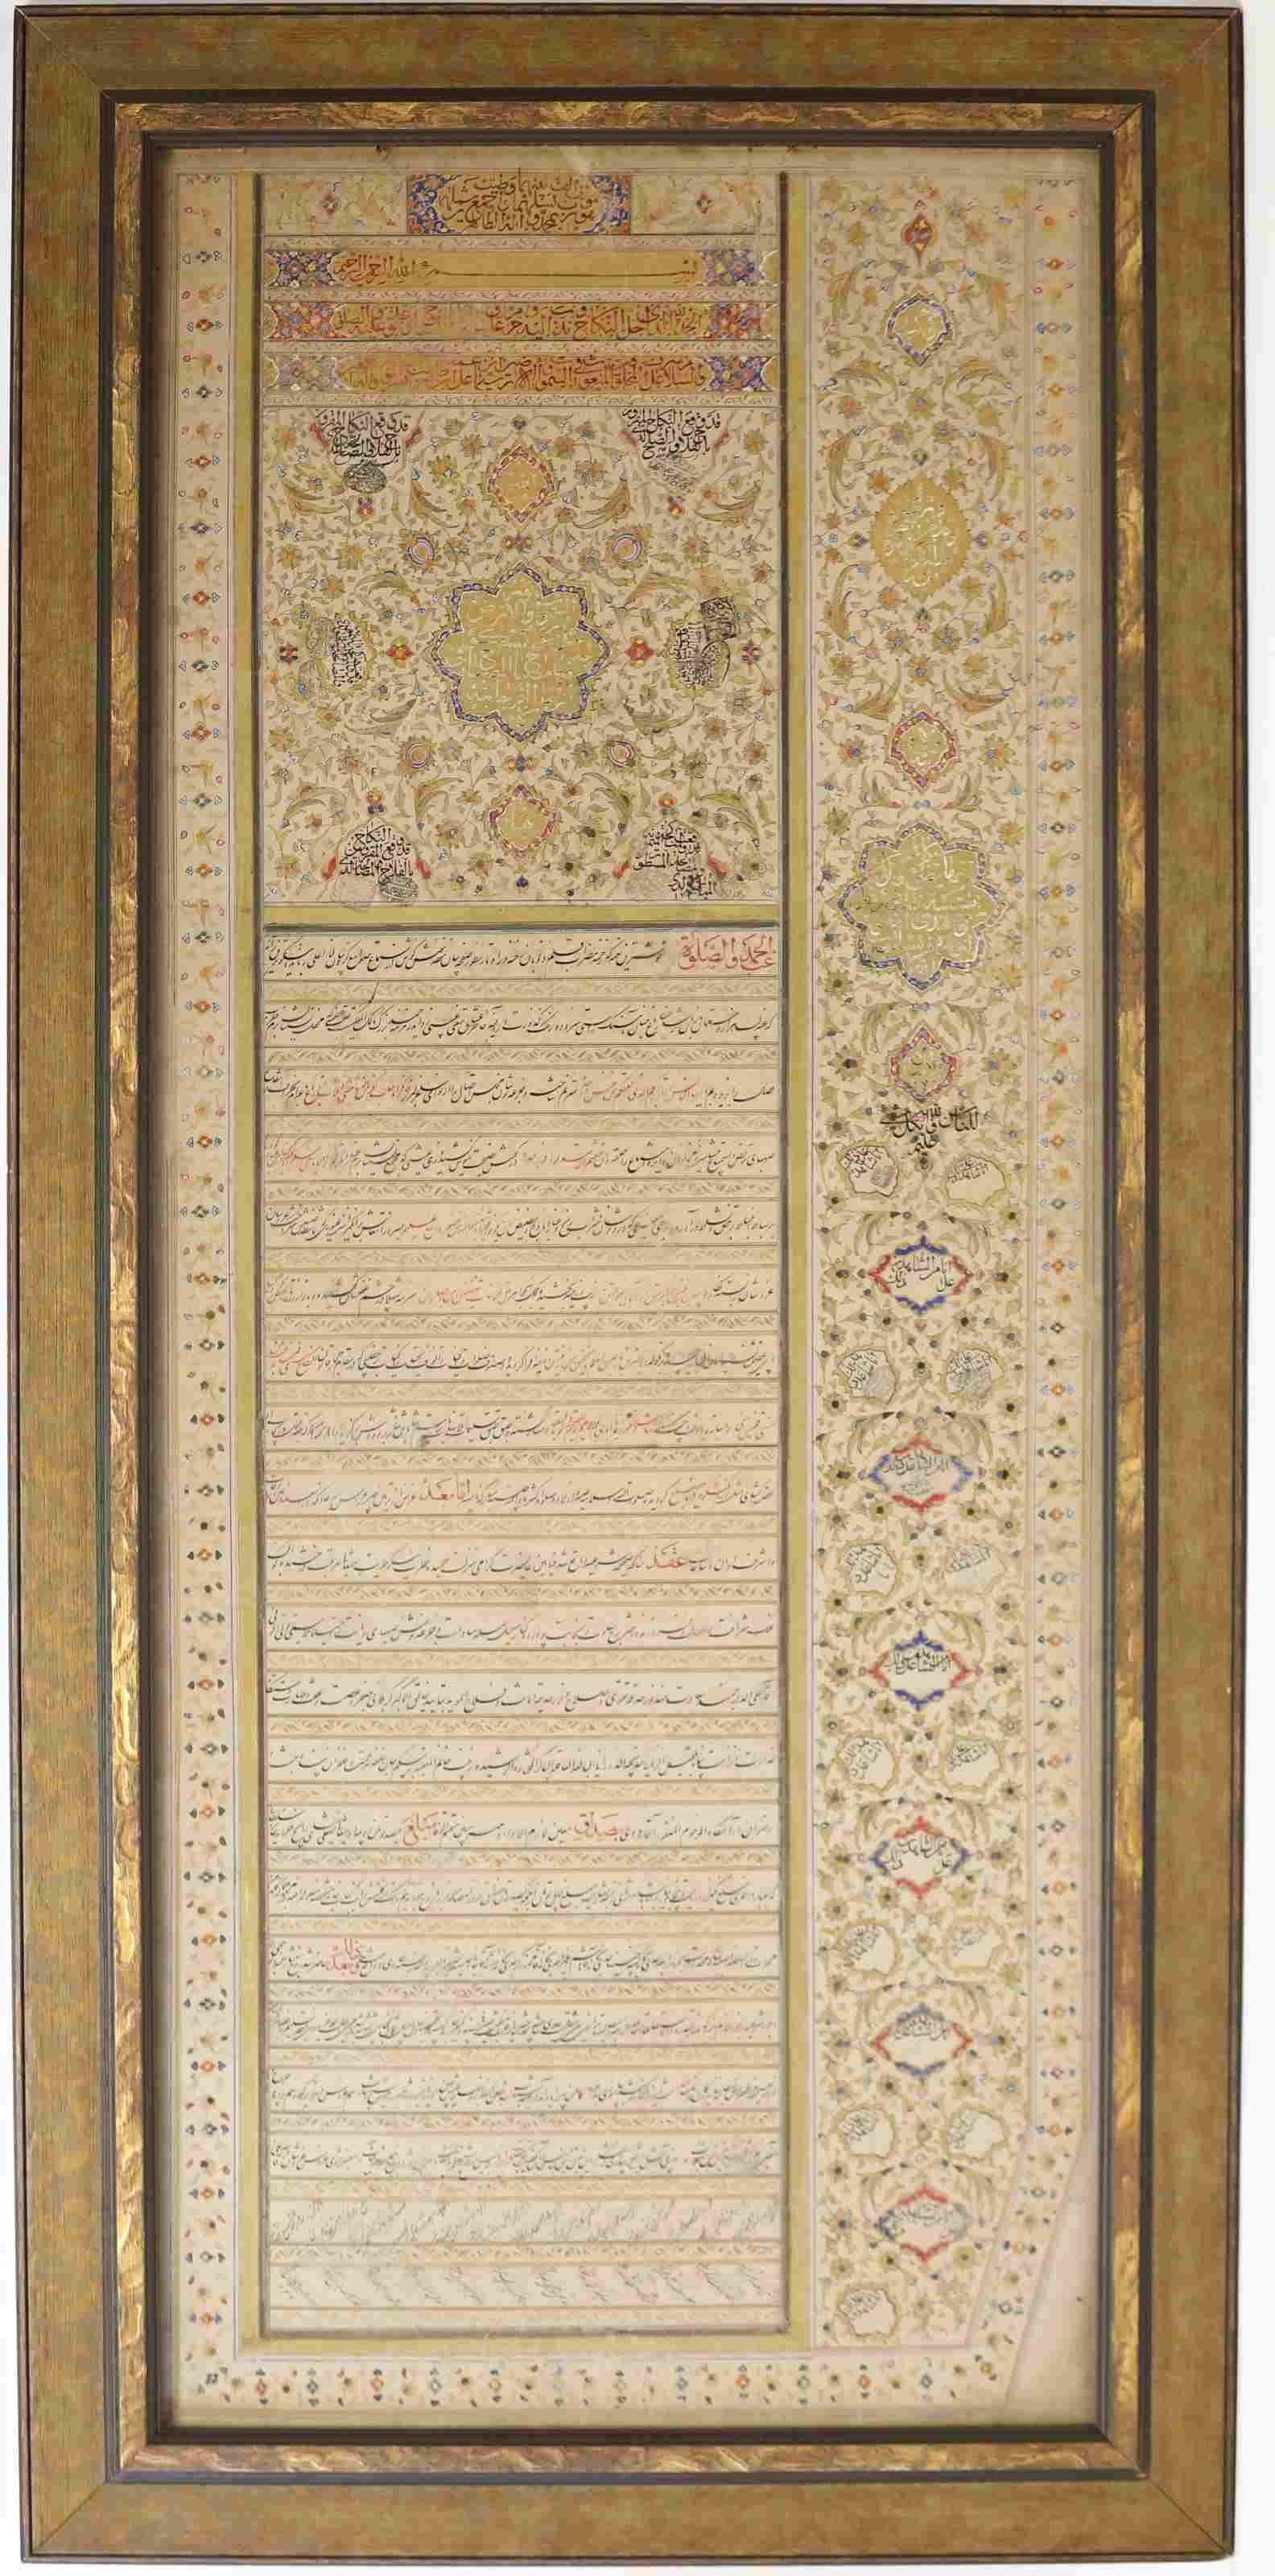 Persian Illuminated Manuscript Marriage Document